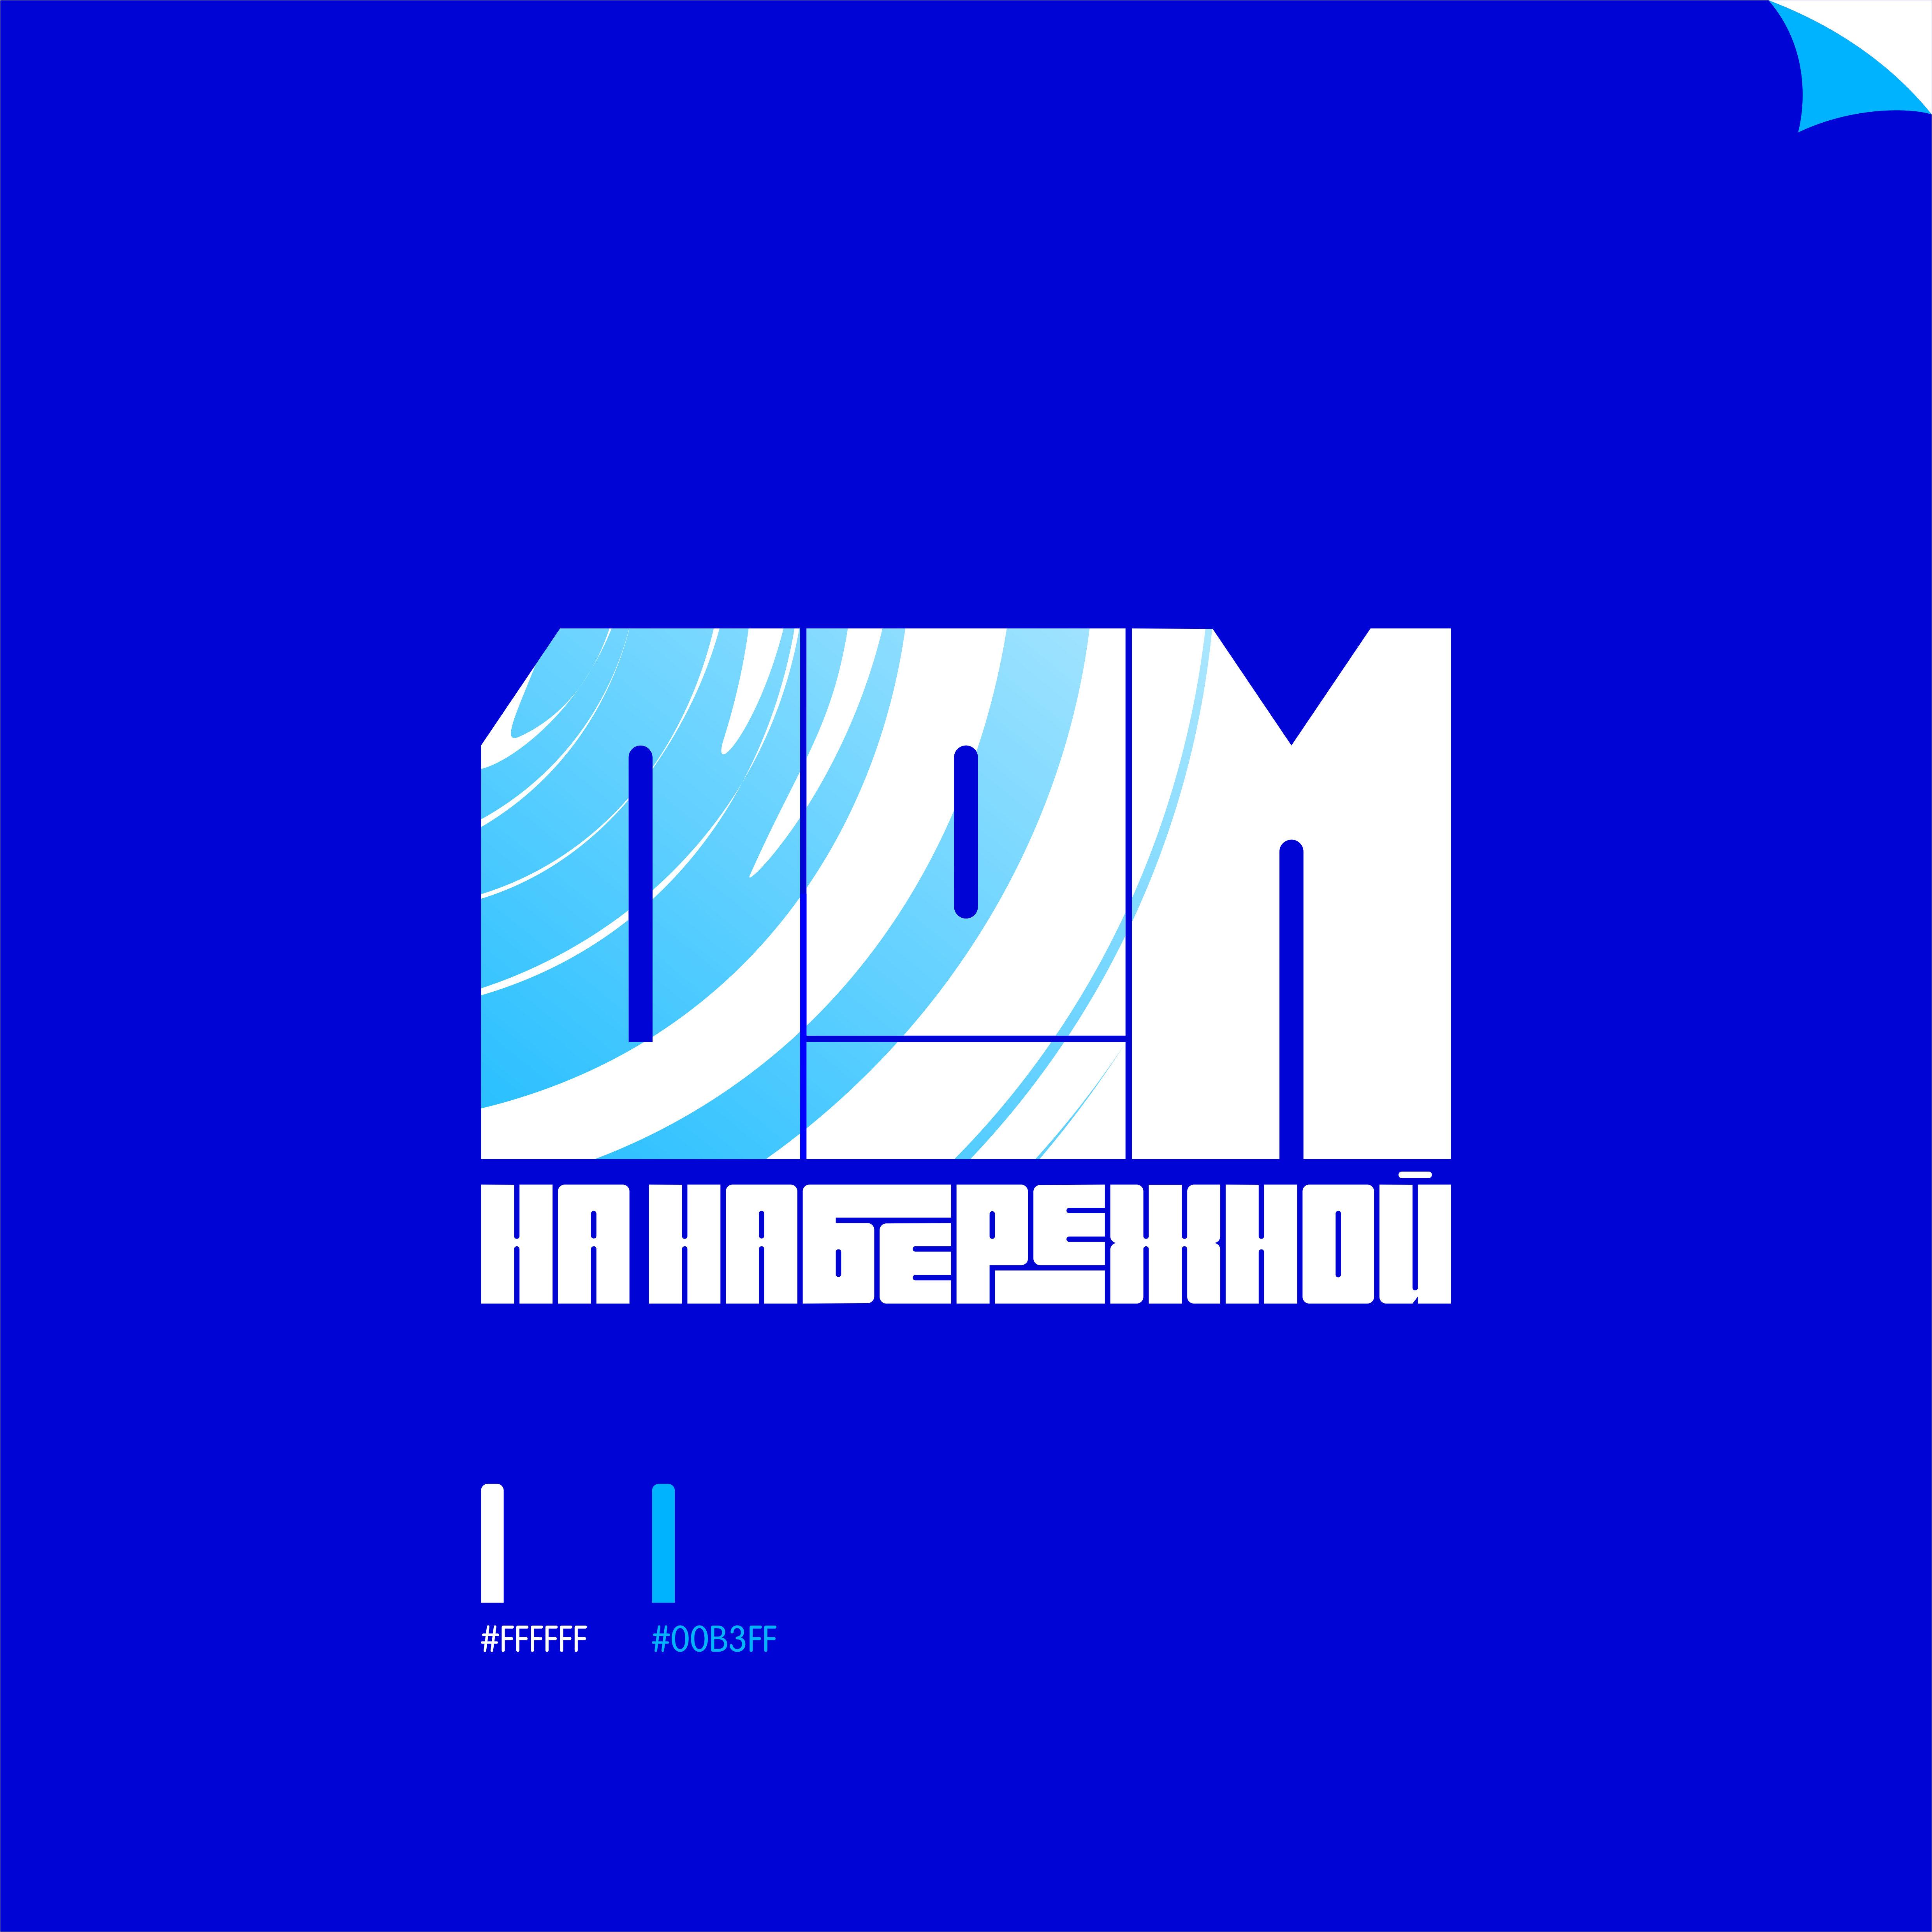 РАЗРАБОТКА логотипа для ЖИЛОГО КОМПЛЕКСА премиум В АНАПЕ.  фото f_9395de9664384212.jpg